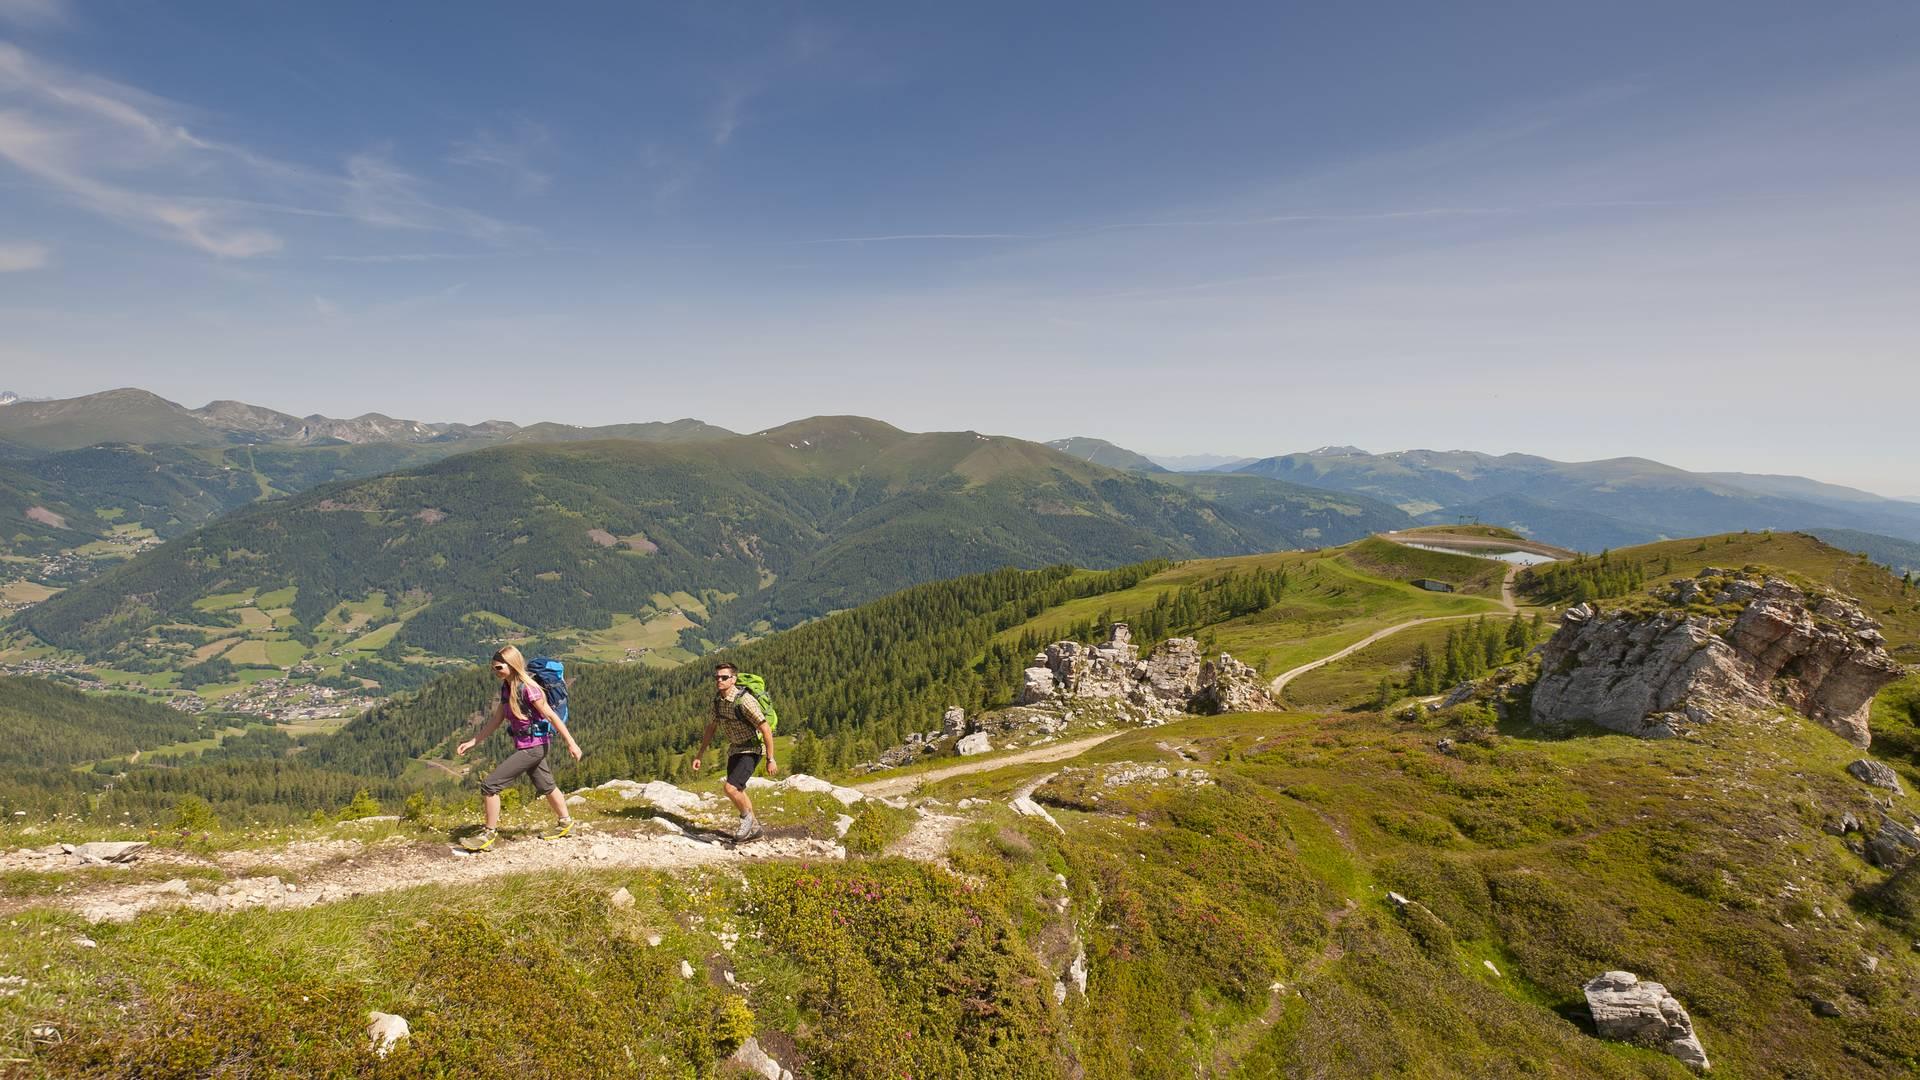 Pärchen bei Wanderung am Alpe Adria Trail in den Nockbergen